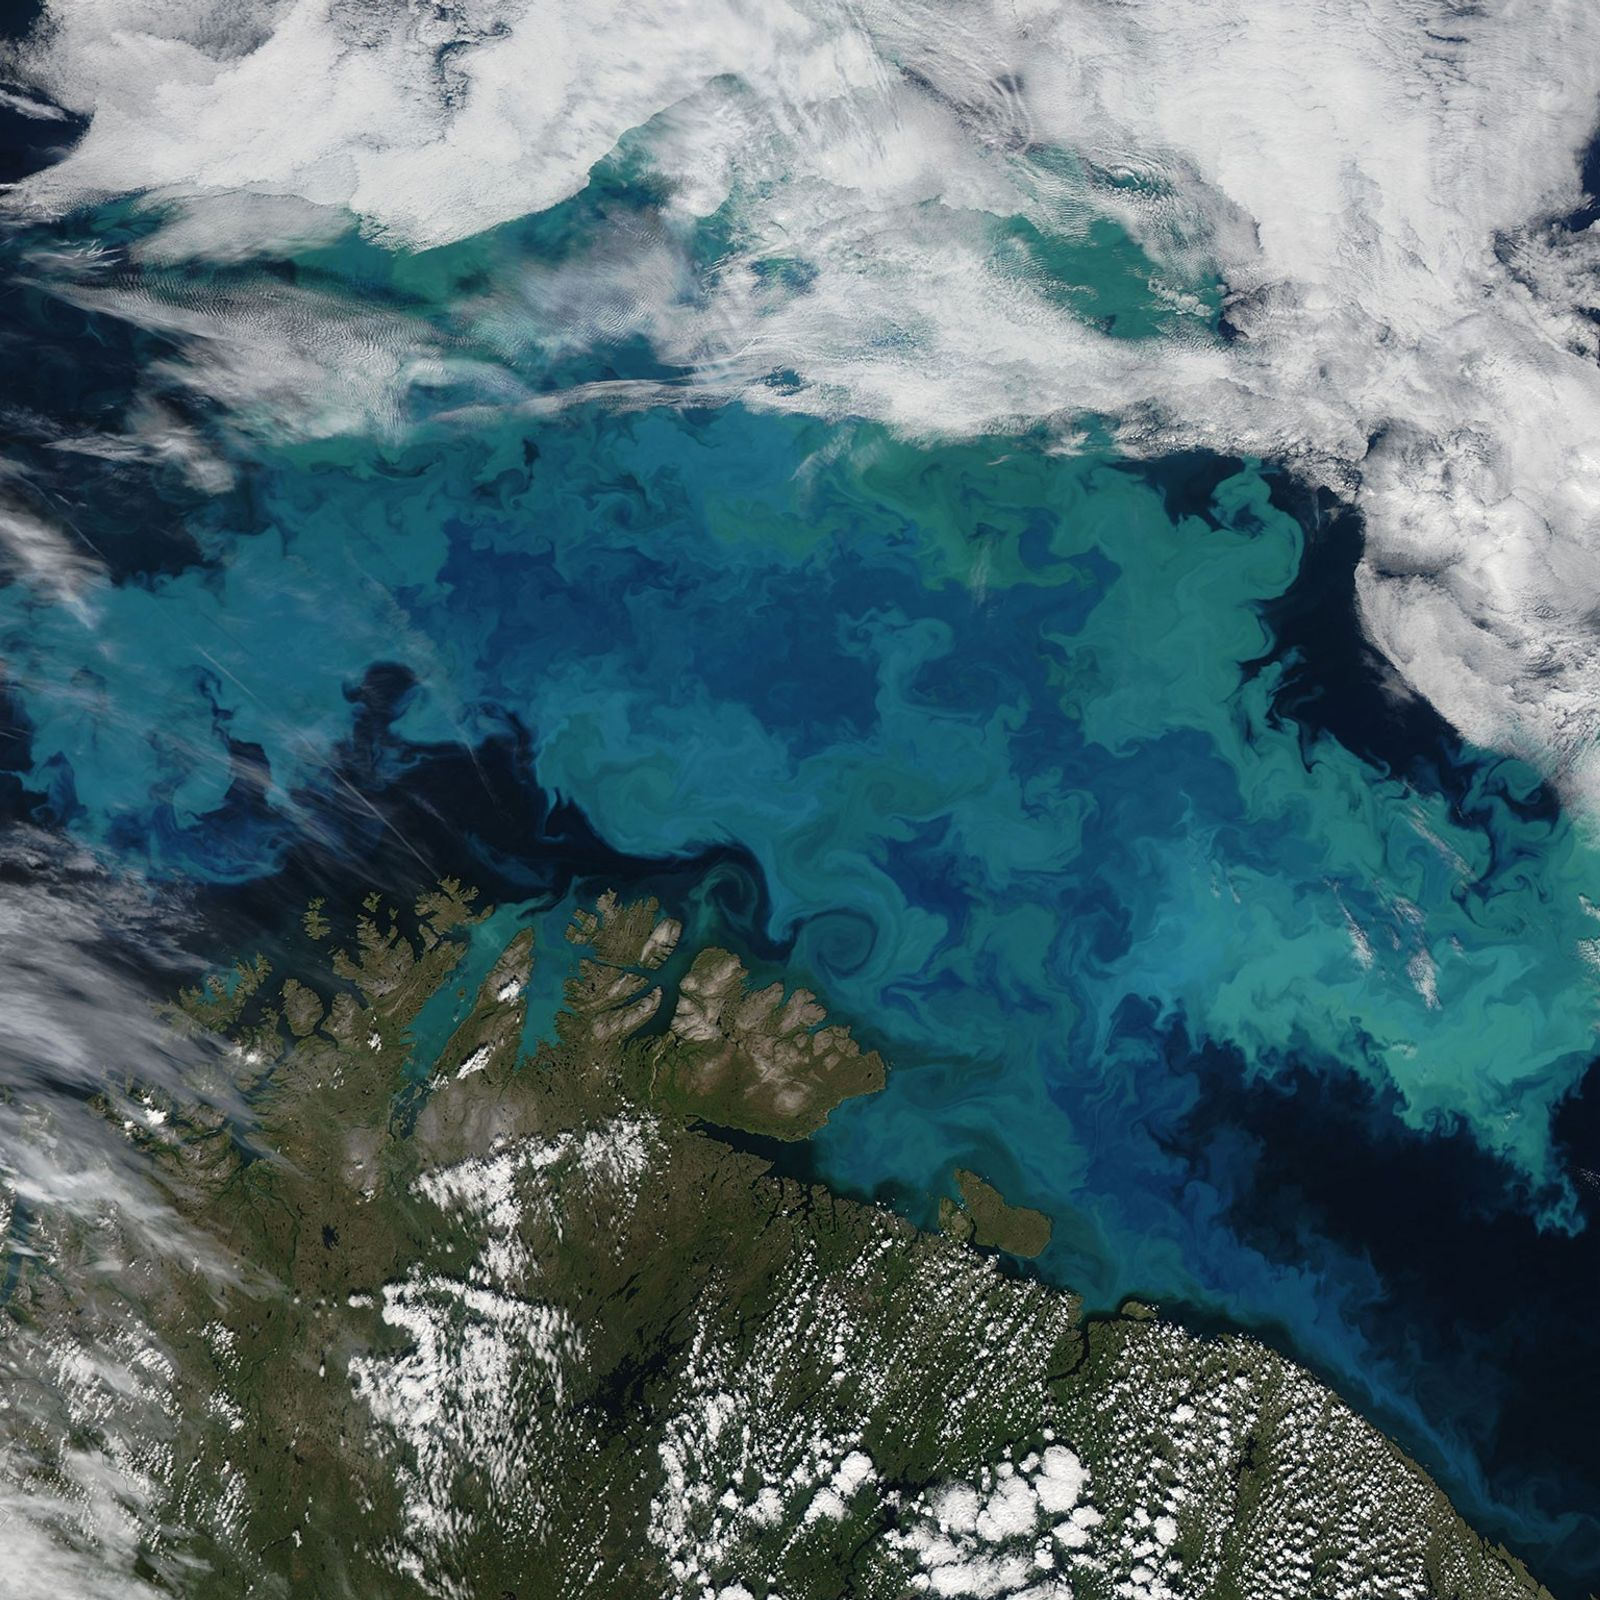 Une prolifération de phytoplancton dans la mer de Barents le 14 août 2011. Le cliché a ...